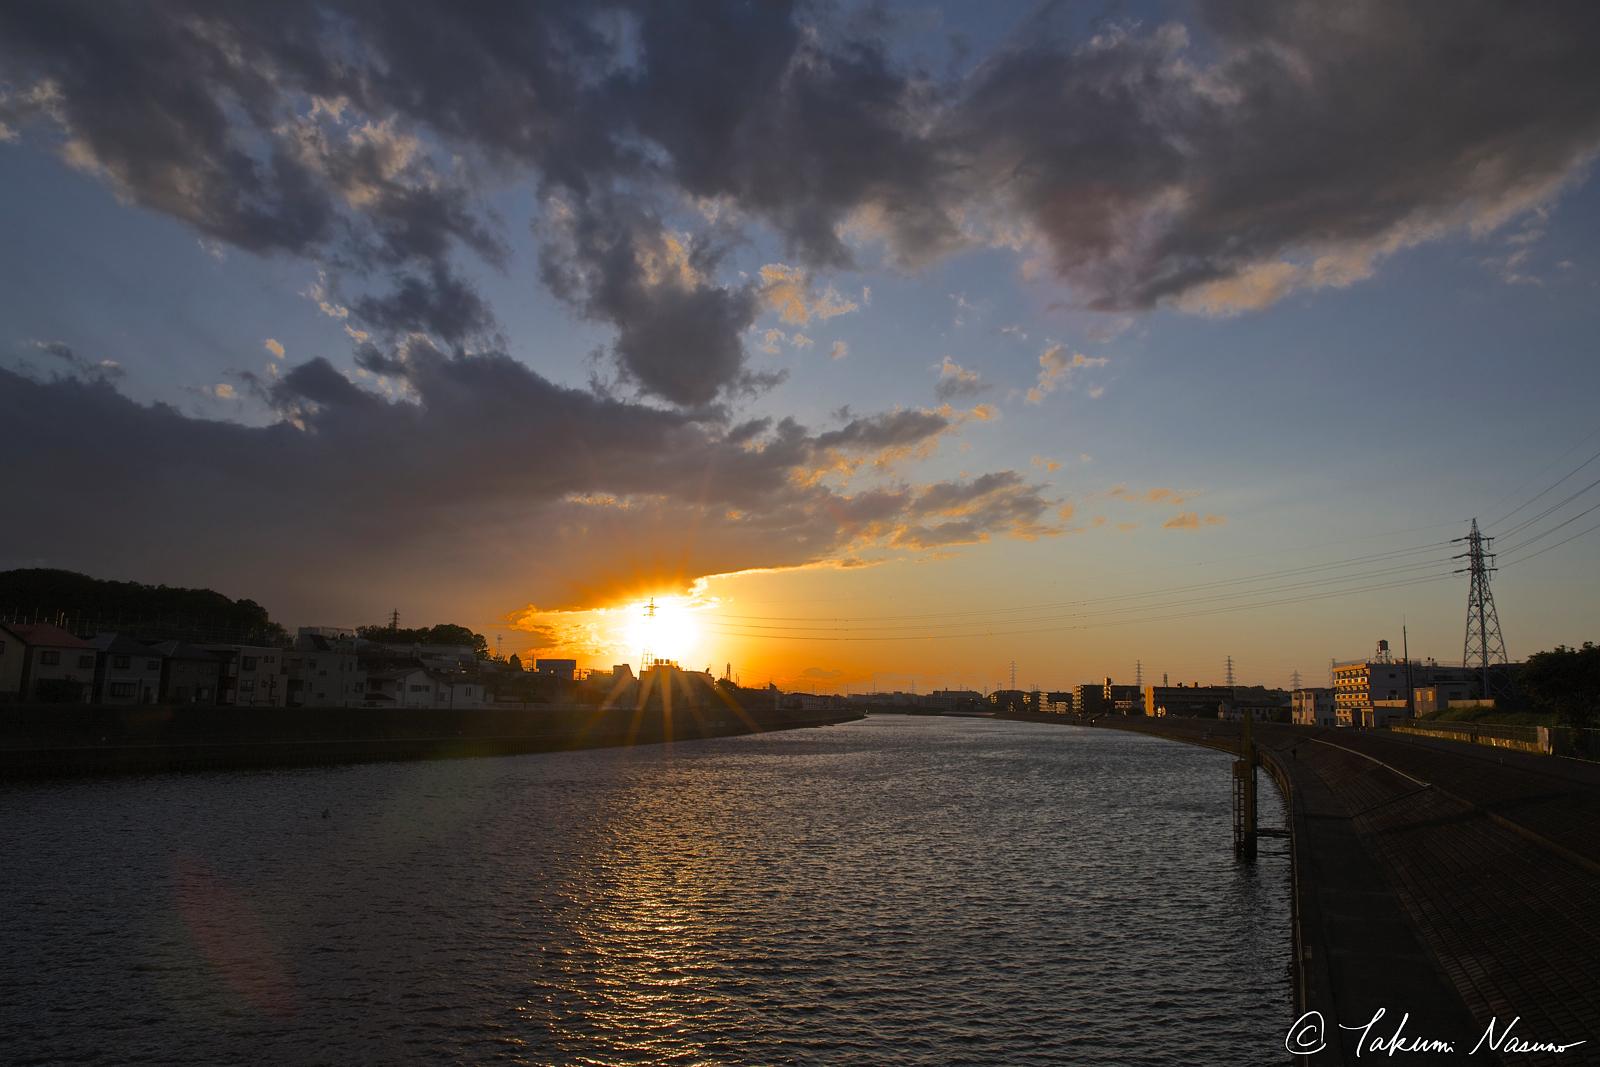 Tsurumi_Tsurumi-River_w06